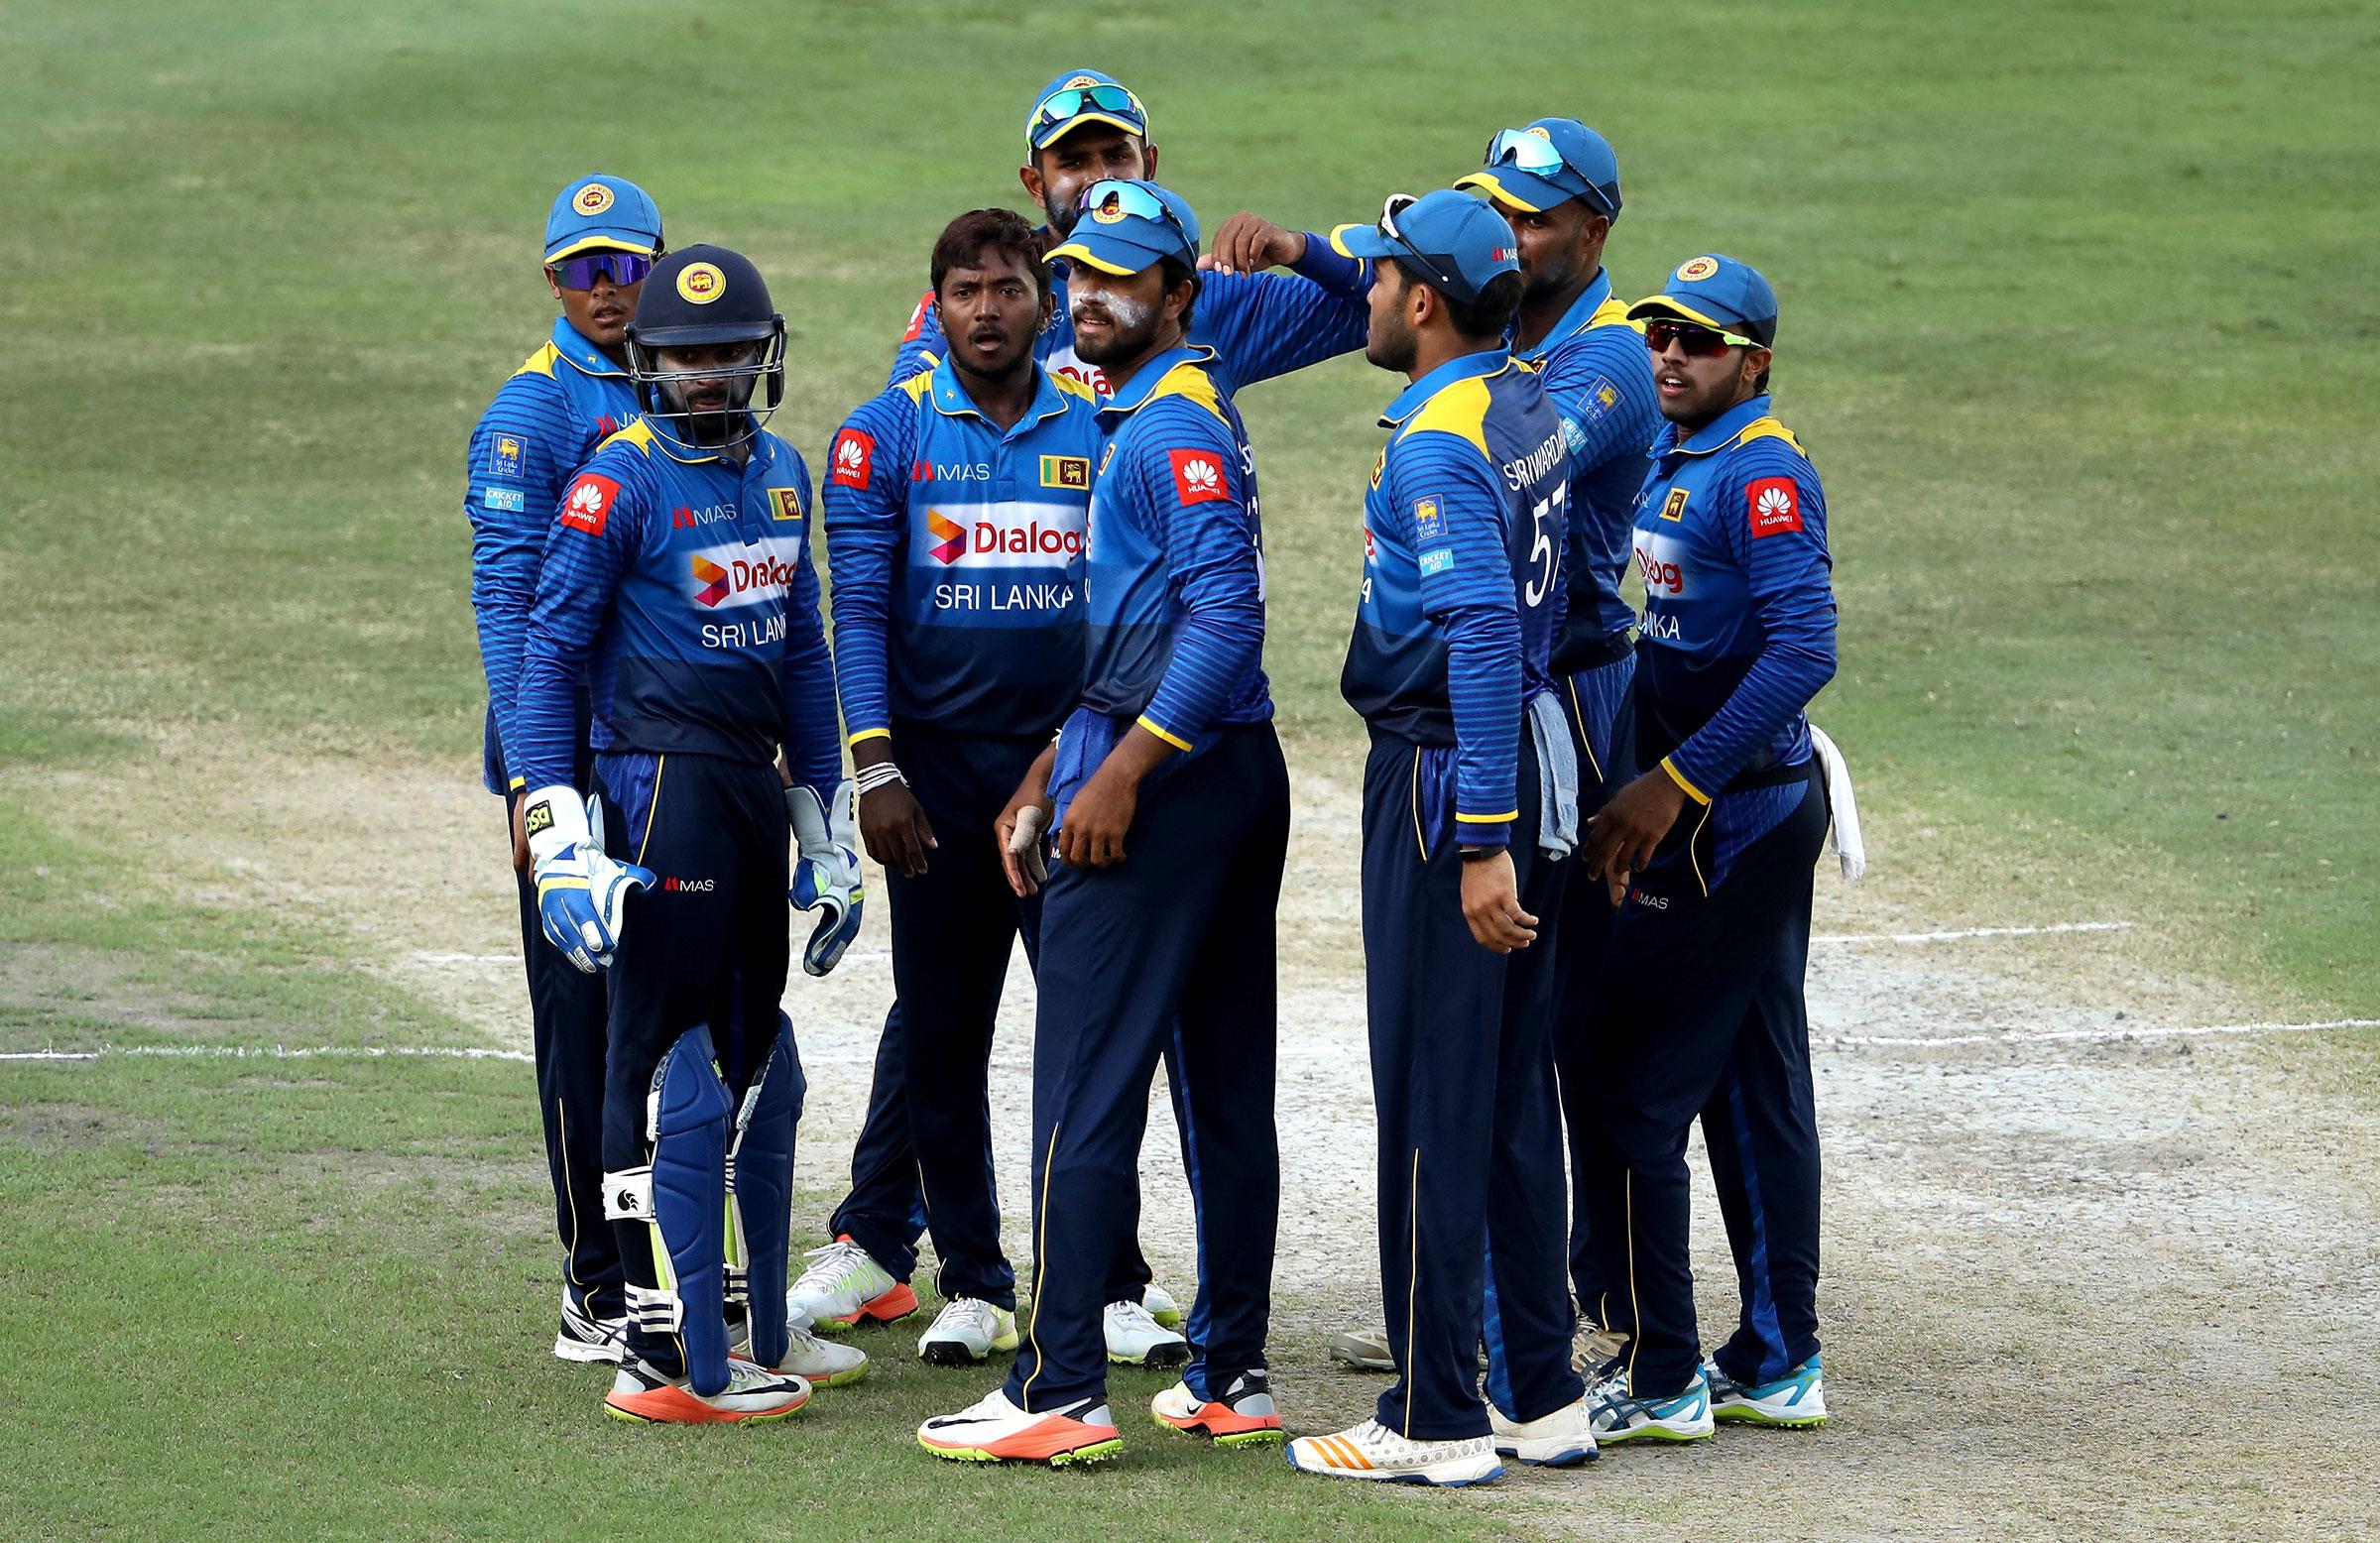 श्रीलंका-दक्षिण अफ्रीका एकमात्र टी-20: रोमांचक मैच में मेजबान श्रीलंका ने दक्षिण अफ्रीका को दी मात 1